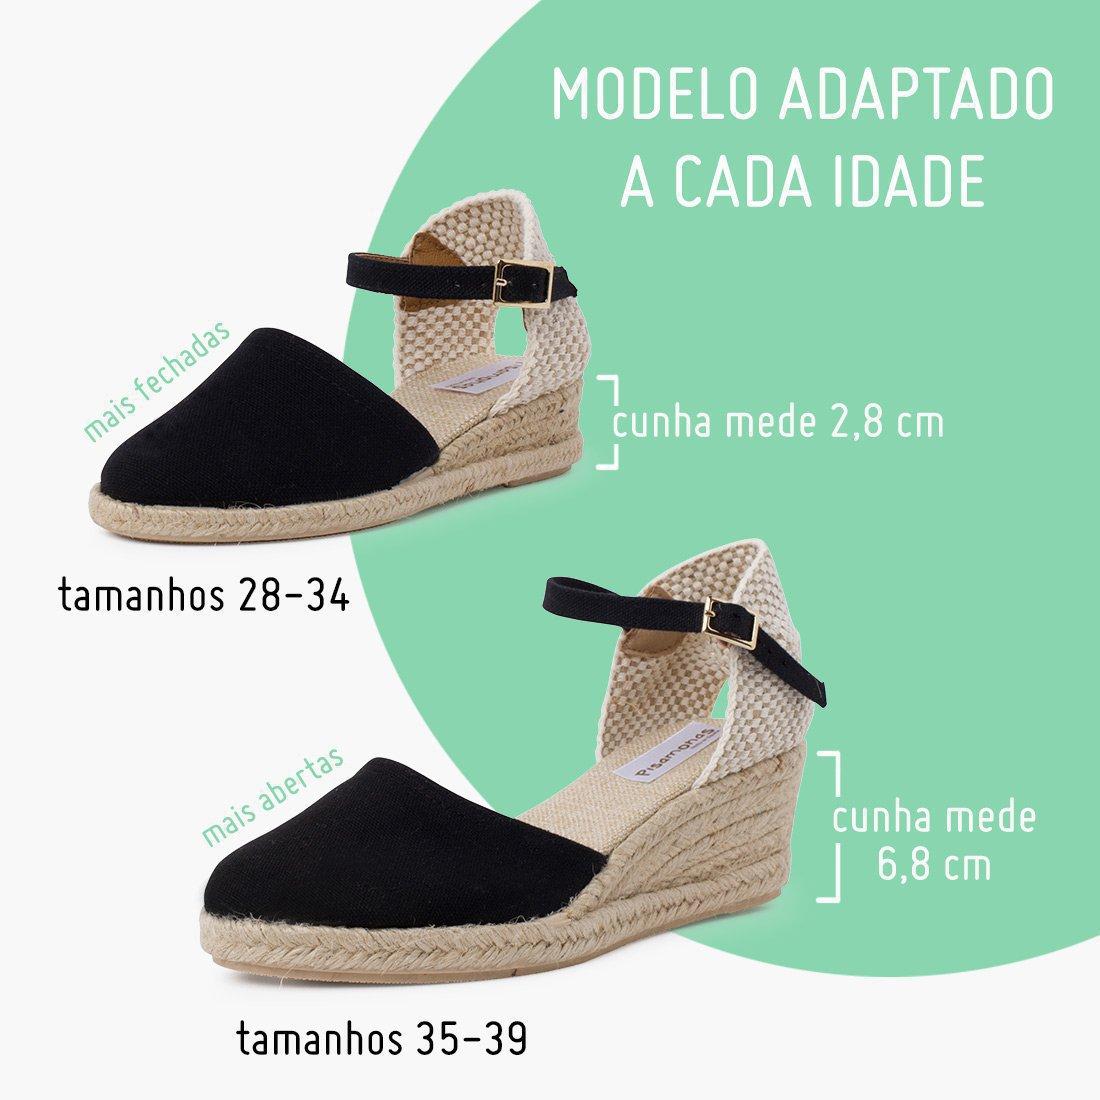 As minhas sandálias com cunha!